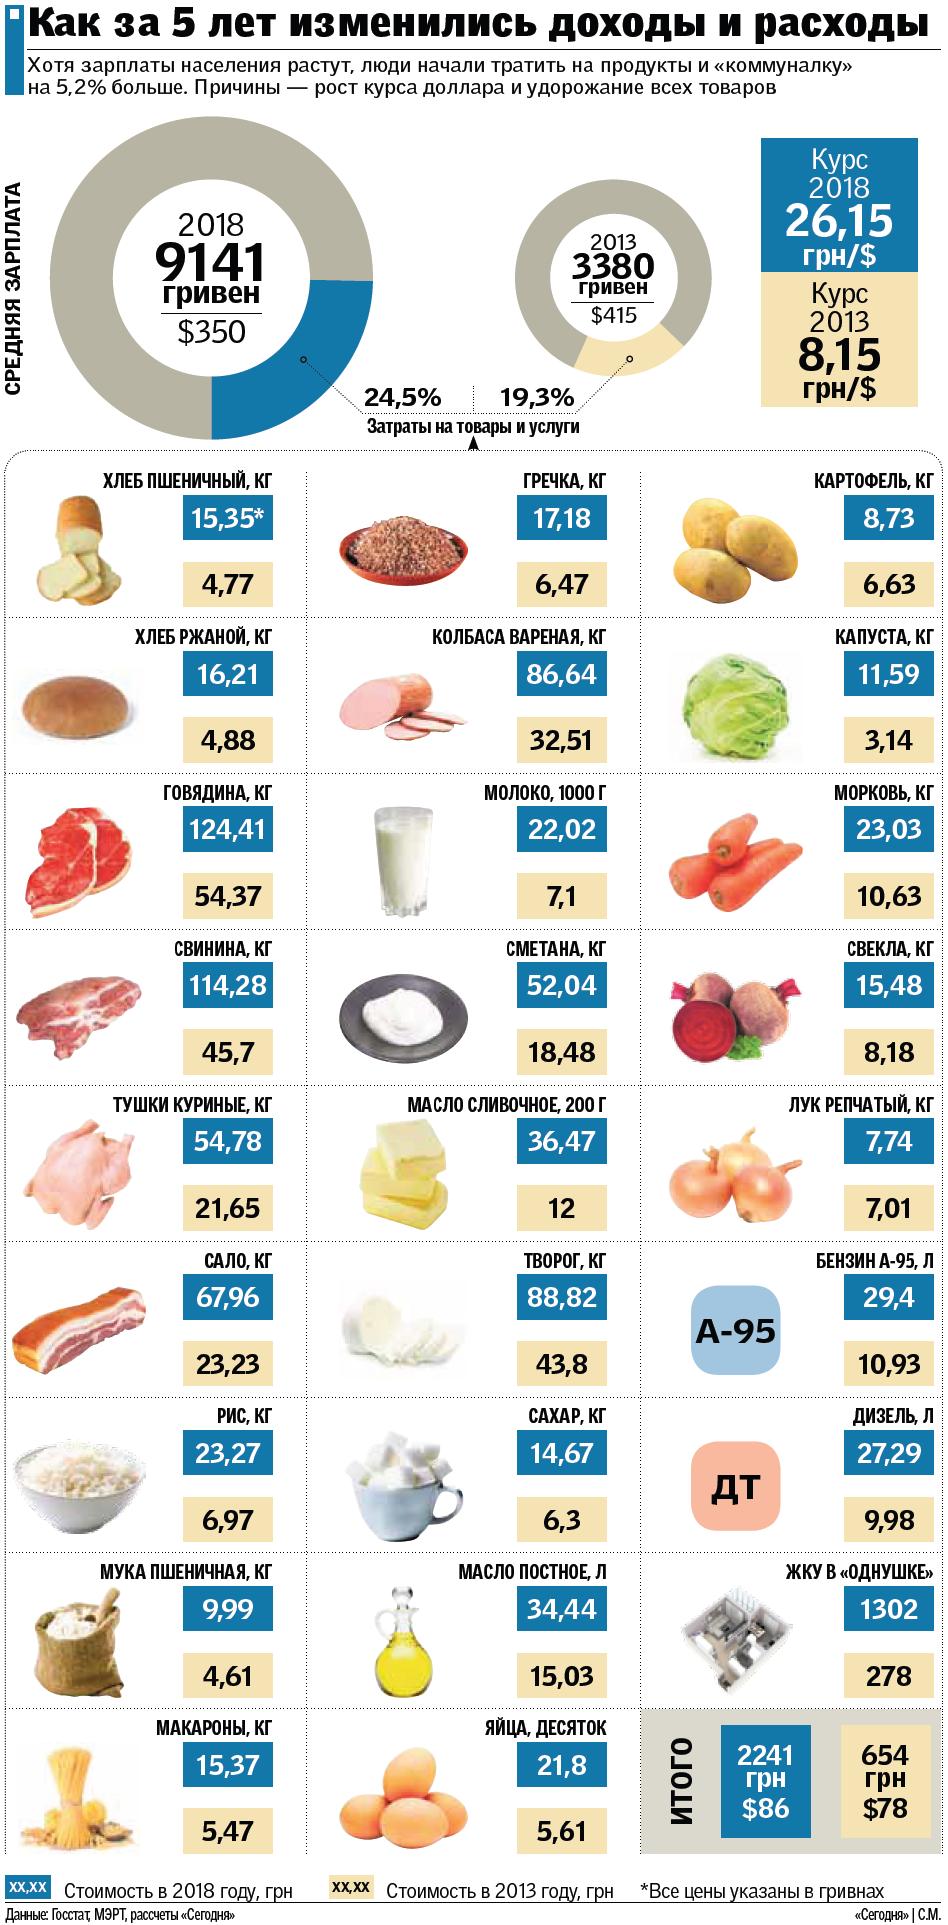 Как изменились цены на продукты питания в Украине за последние 5 лет